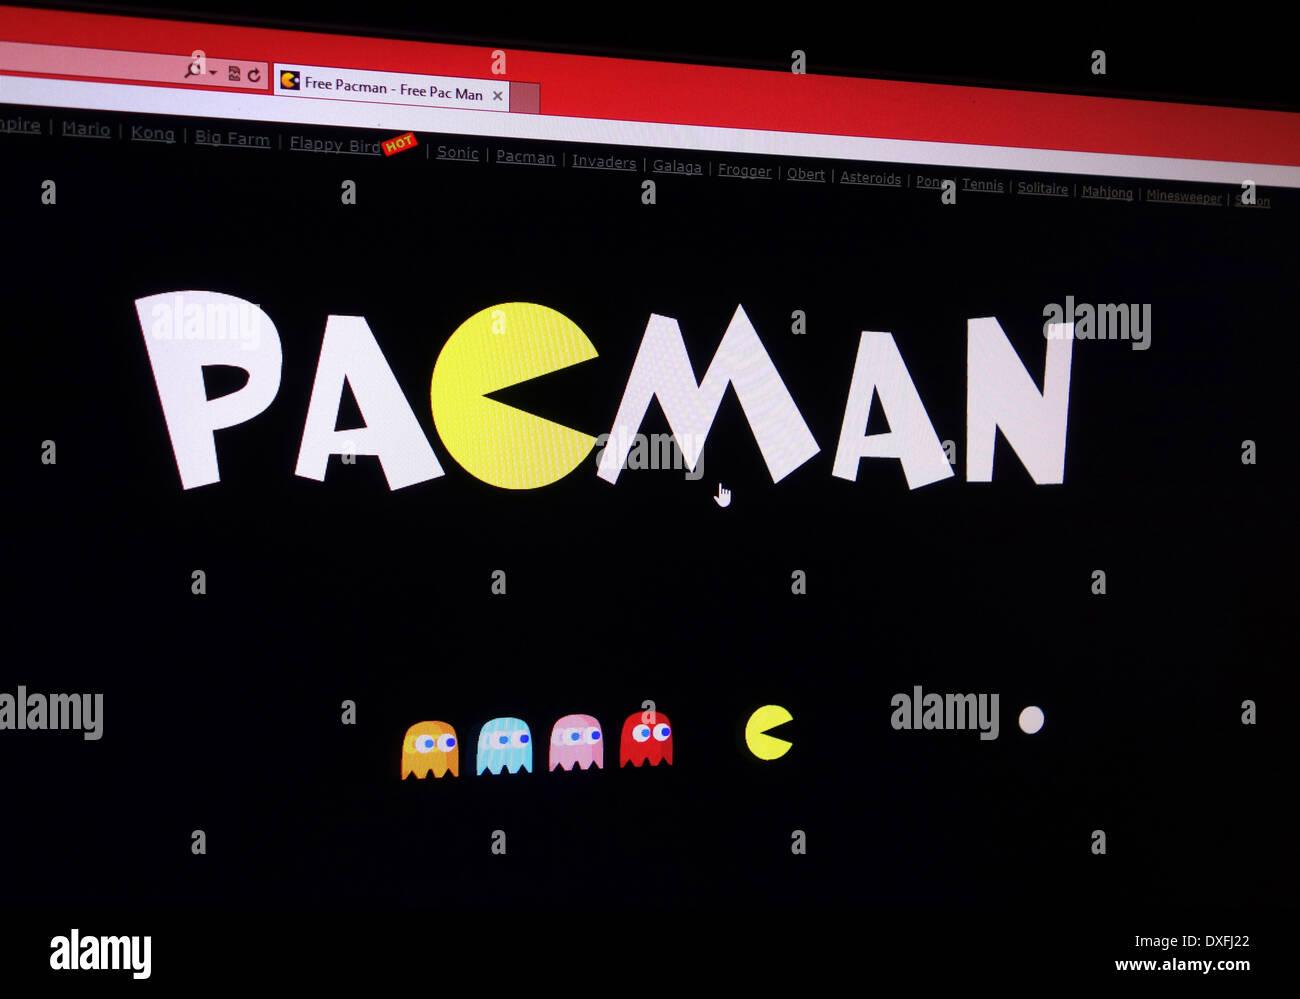 Pacman. Clásico juego de arcade de los 80's Imagen De Stock